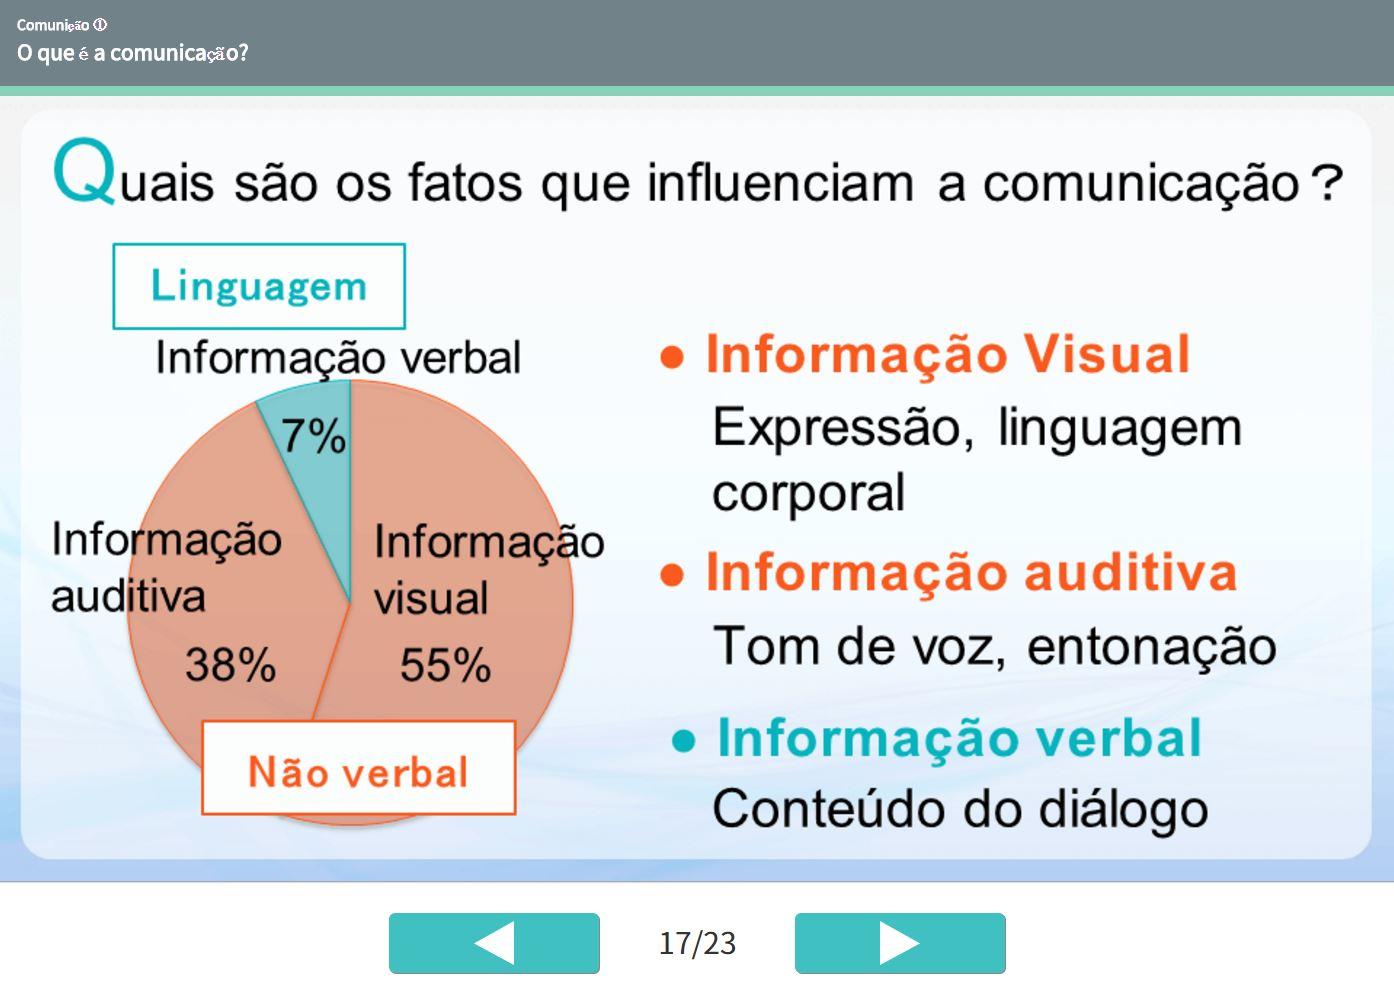 派遣社員様向けeラーニングサービス『派遣の学校』、「ヒューマンスキル」講座に英語版、ポルトガル語版提供を開始